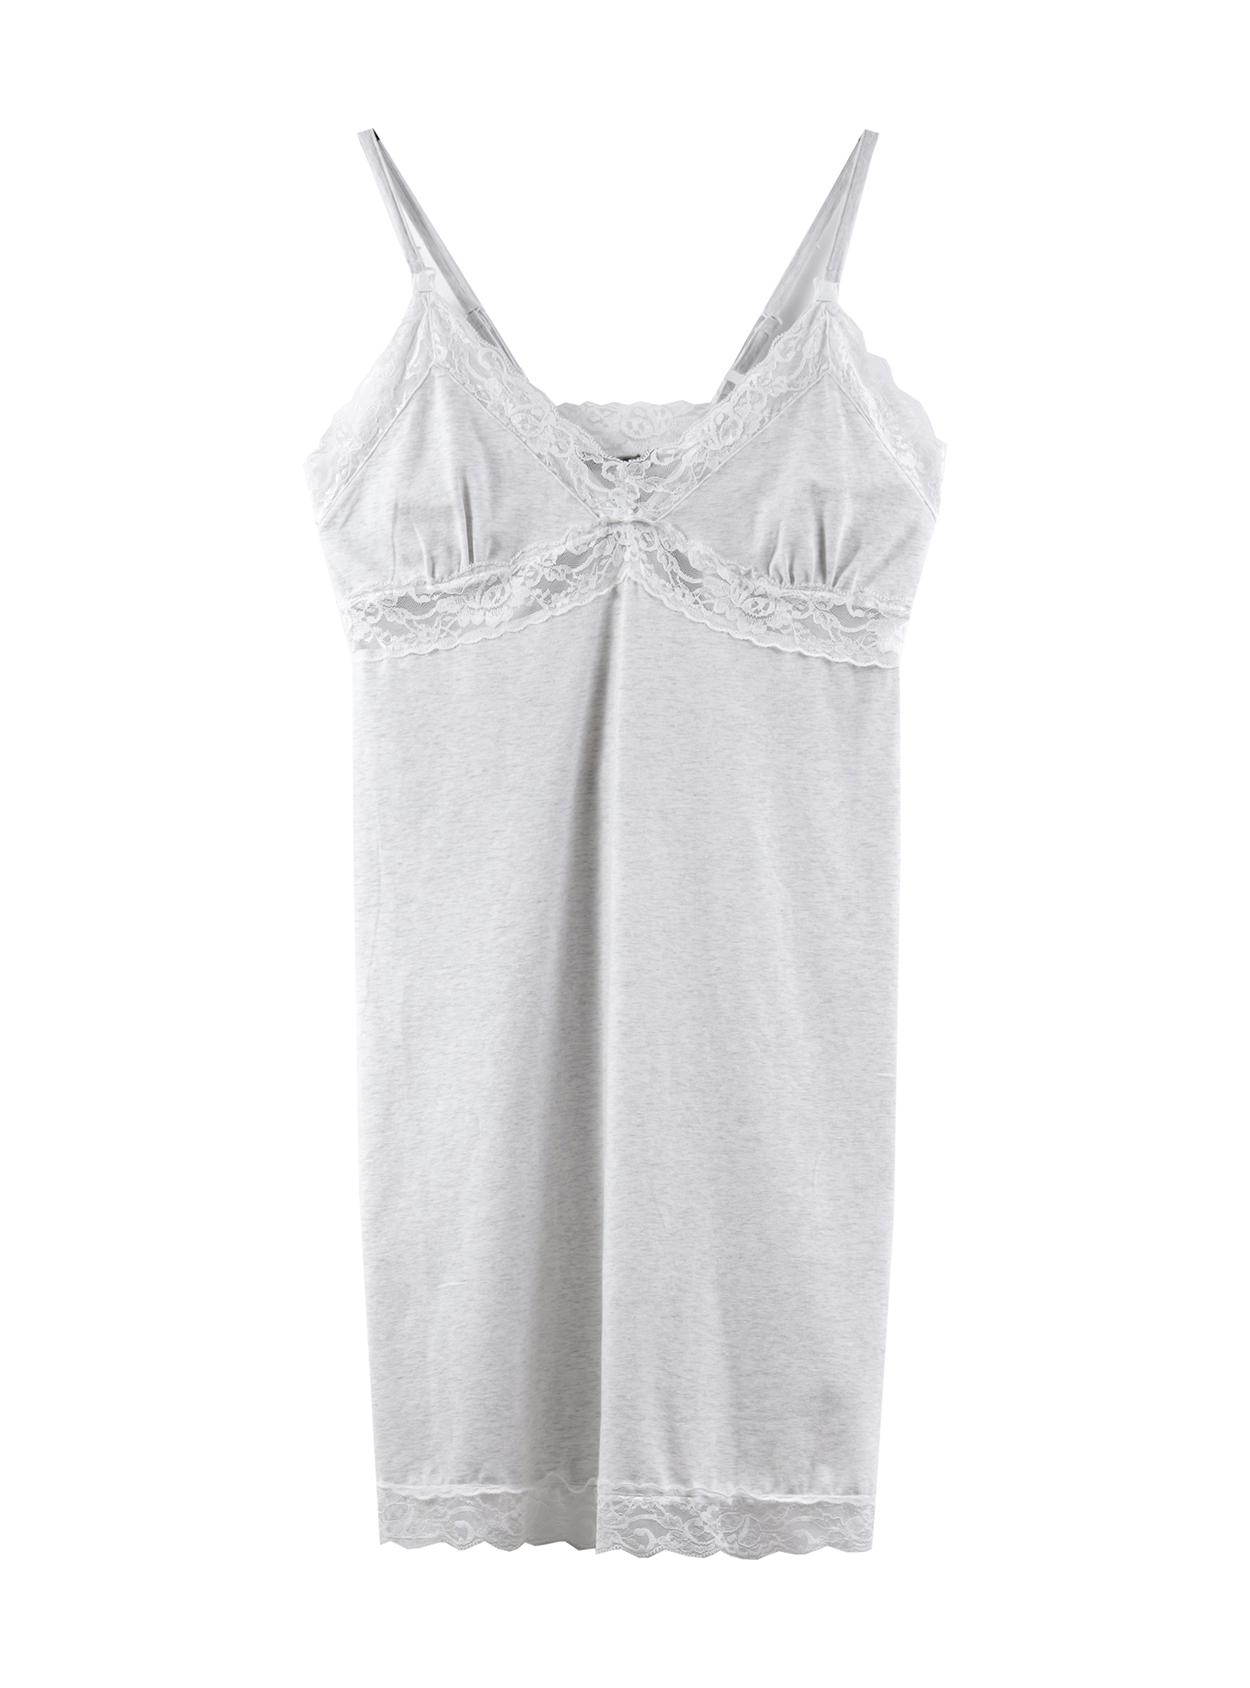 Camisa de dormir lencero blanco